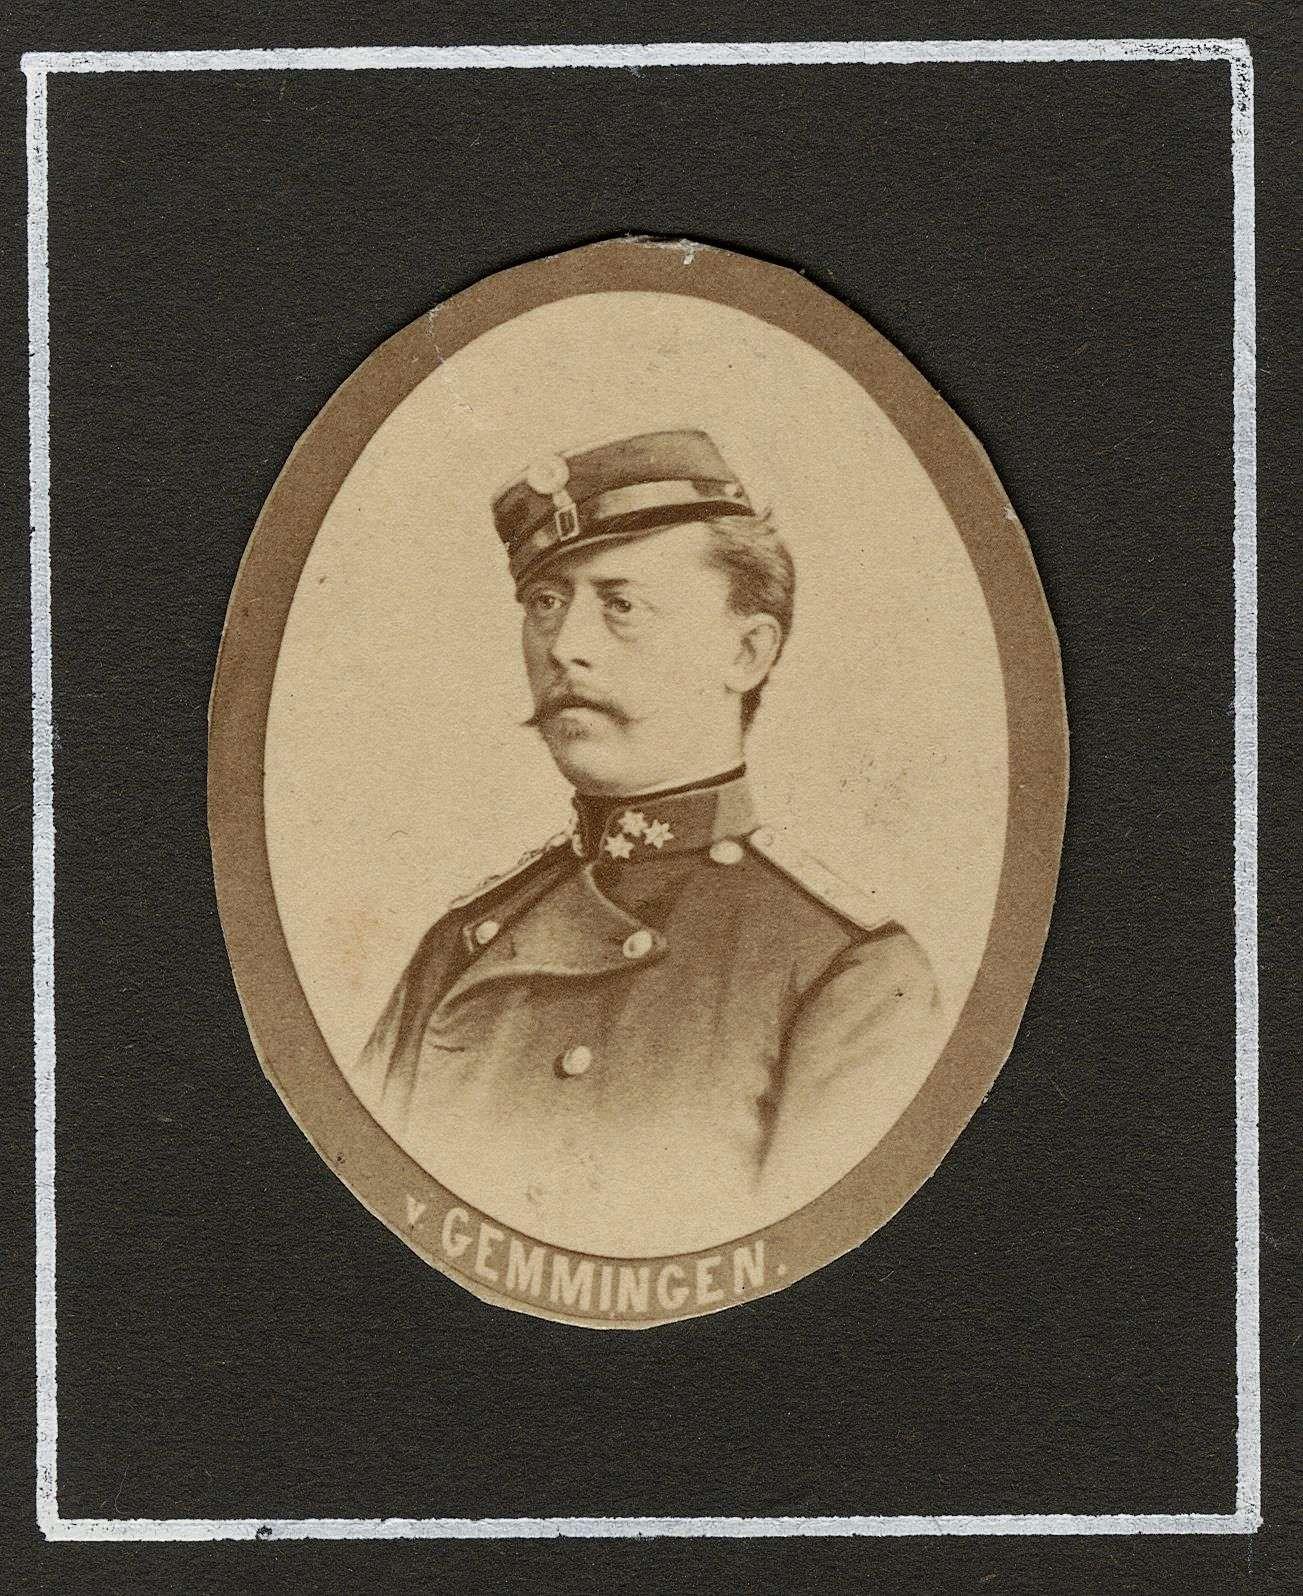 Gemmingen-Fürfeld, Wilhelm von, Bild 1